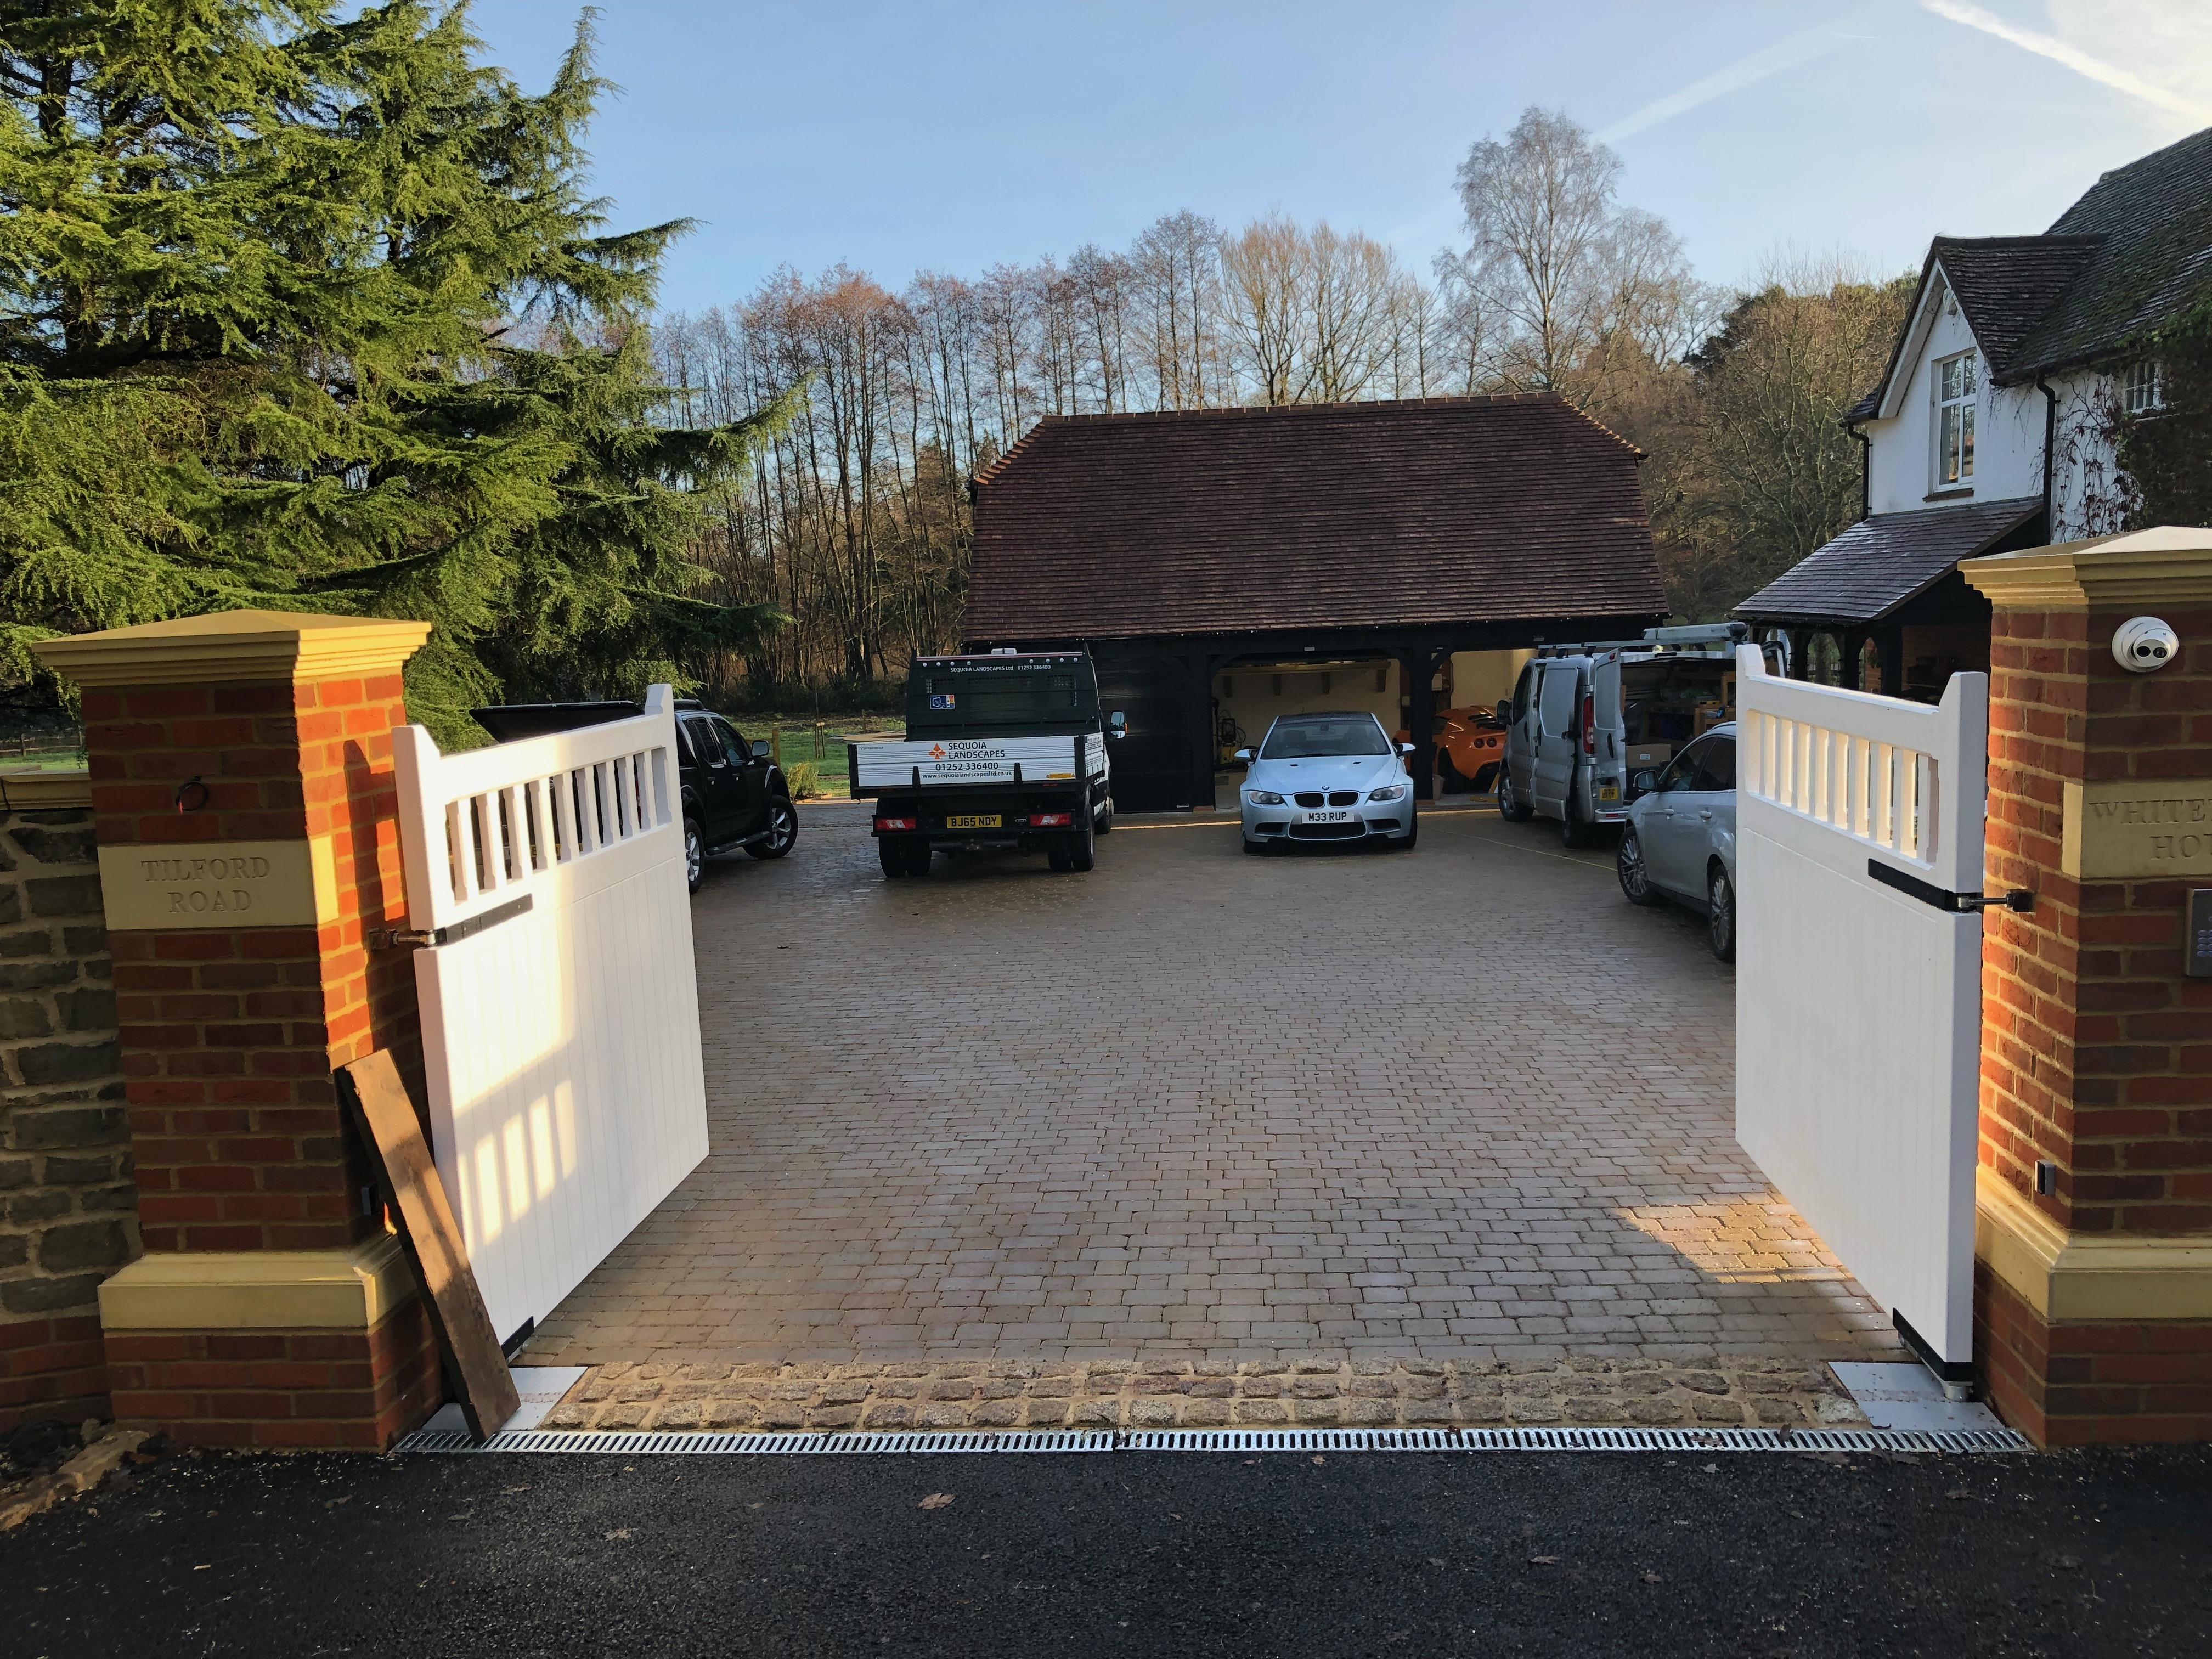 Farnham front garden